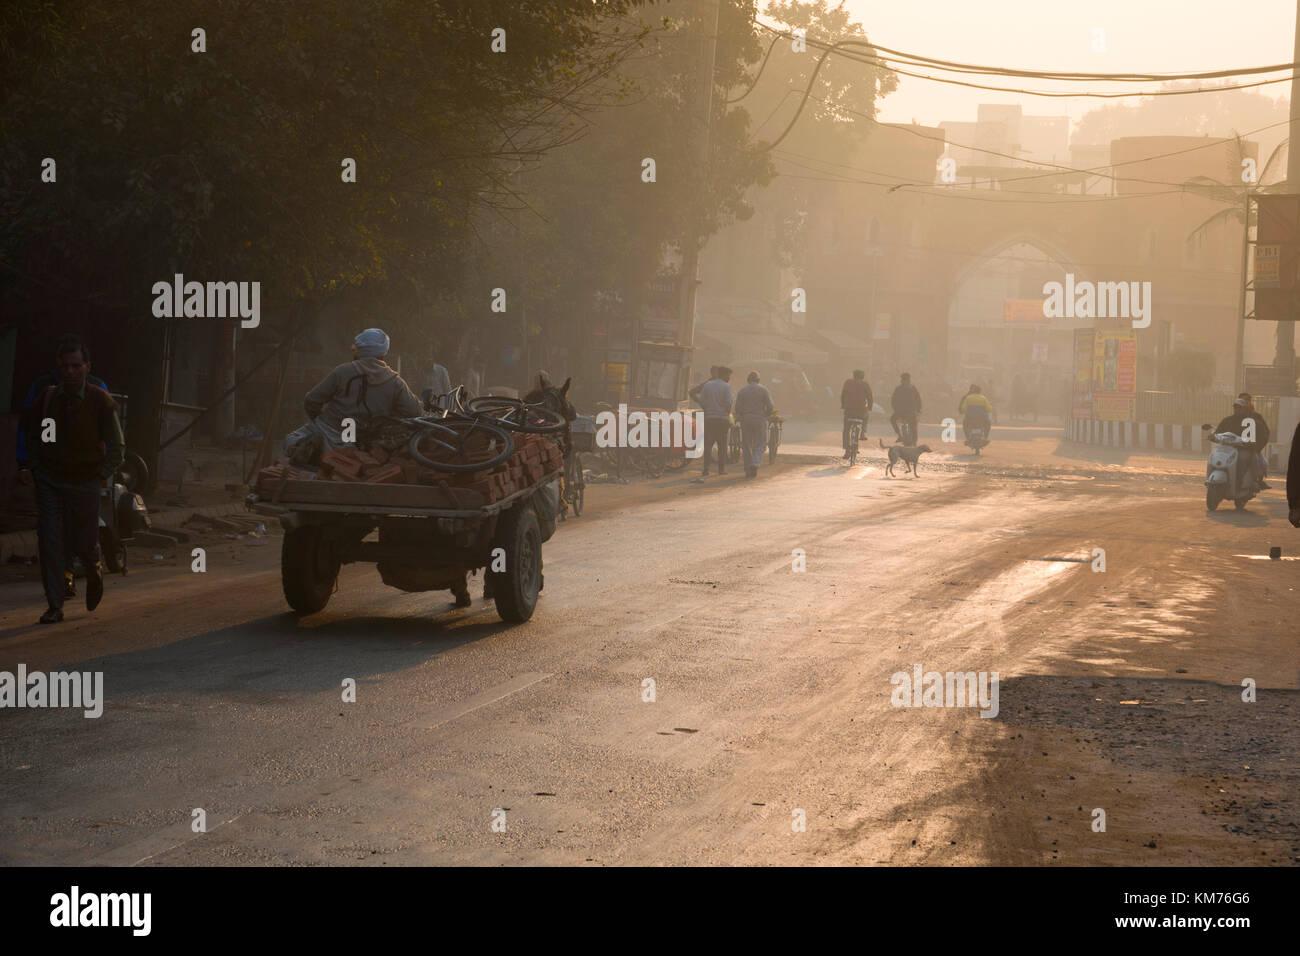 Temprano en la mañana la temperatura ambiente escena callejera en Amritsar, India Imagen De Stock